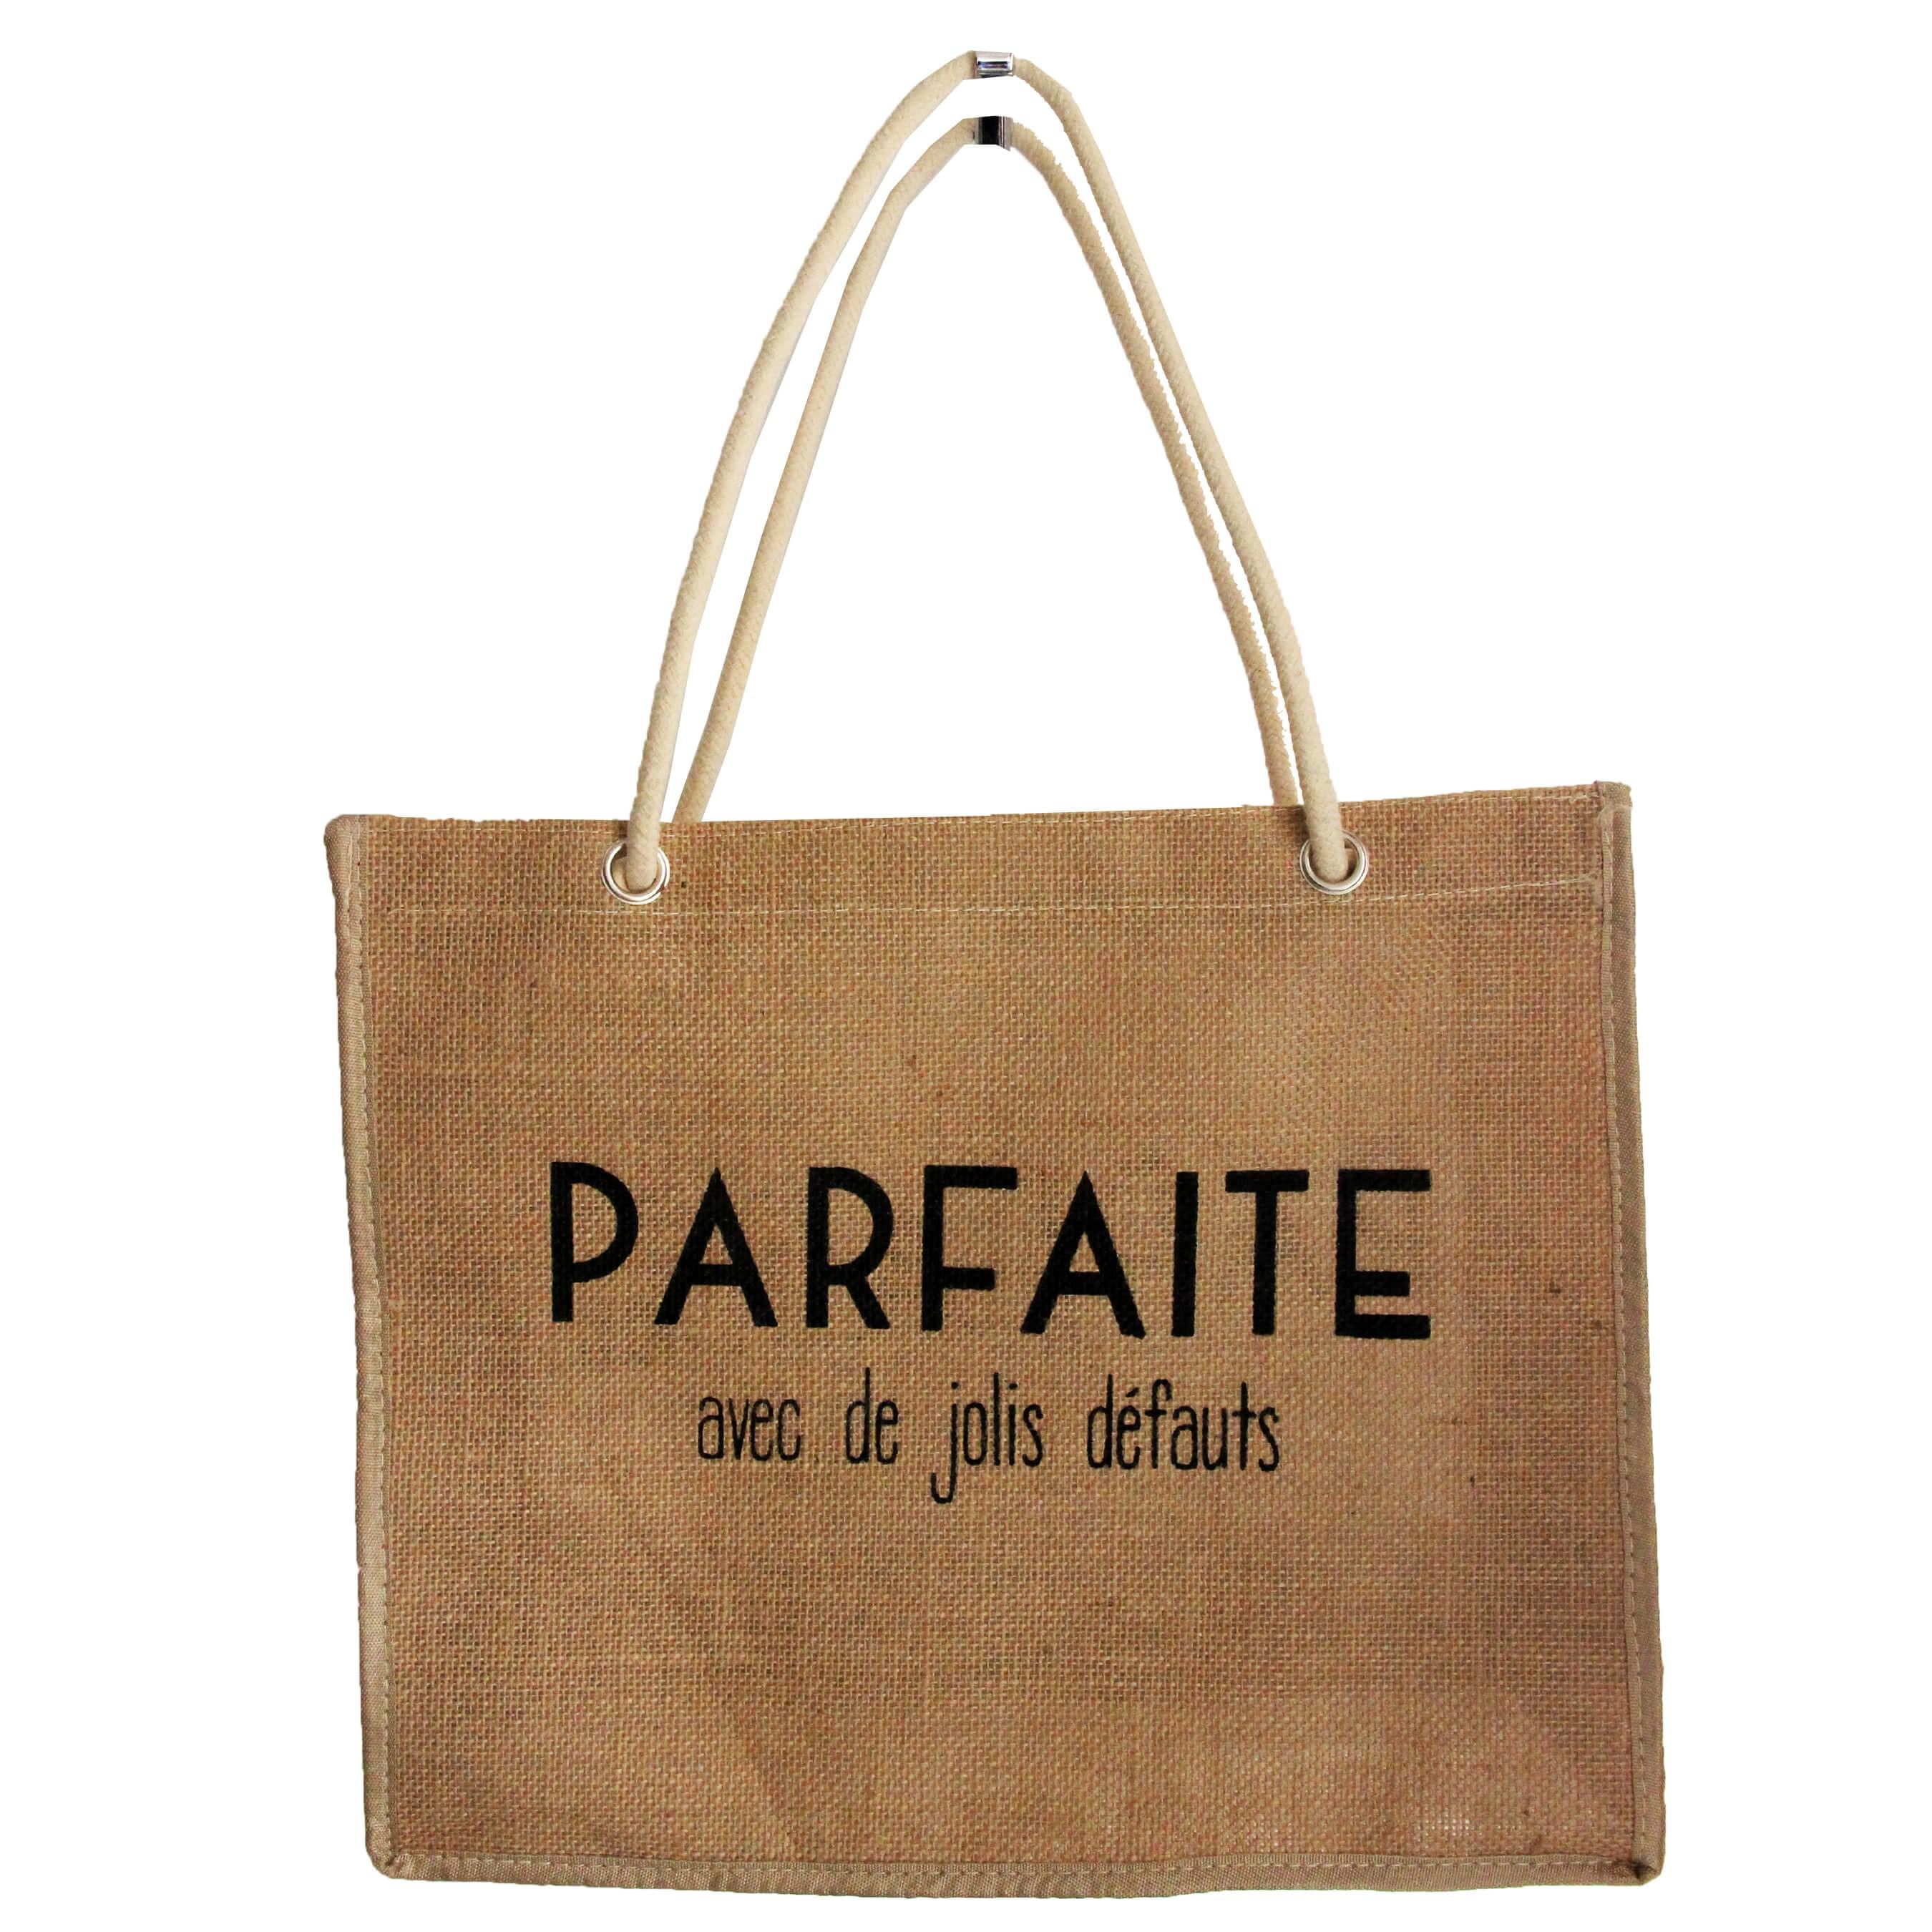 38b73b4ed6b7c Célèbre Vente de sacs à main en toile de jute chez Shopping et Mode WP04